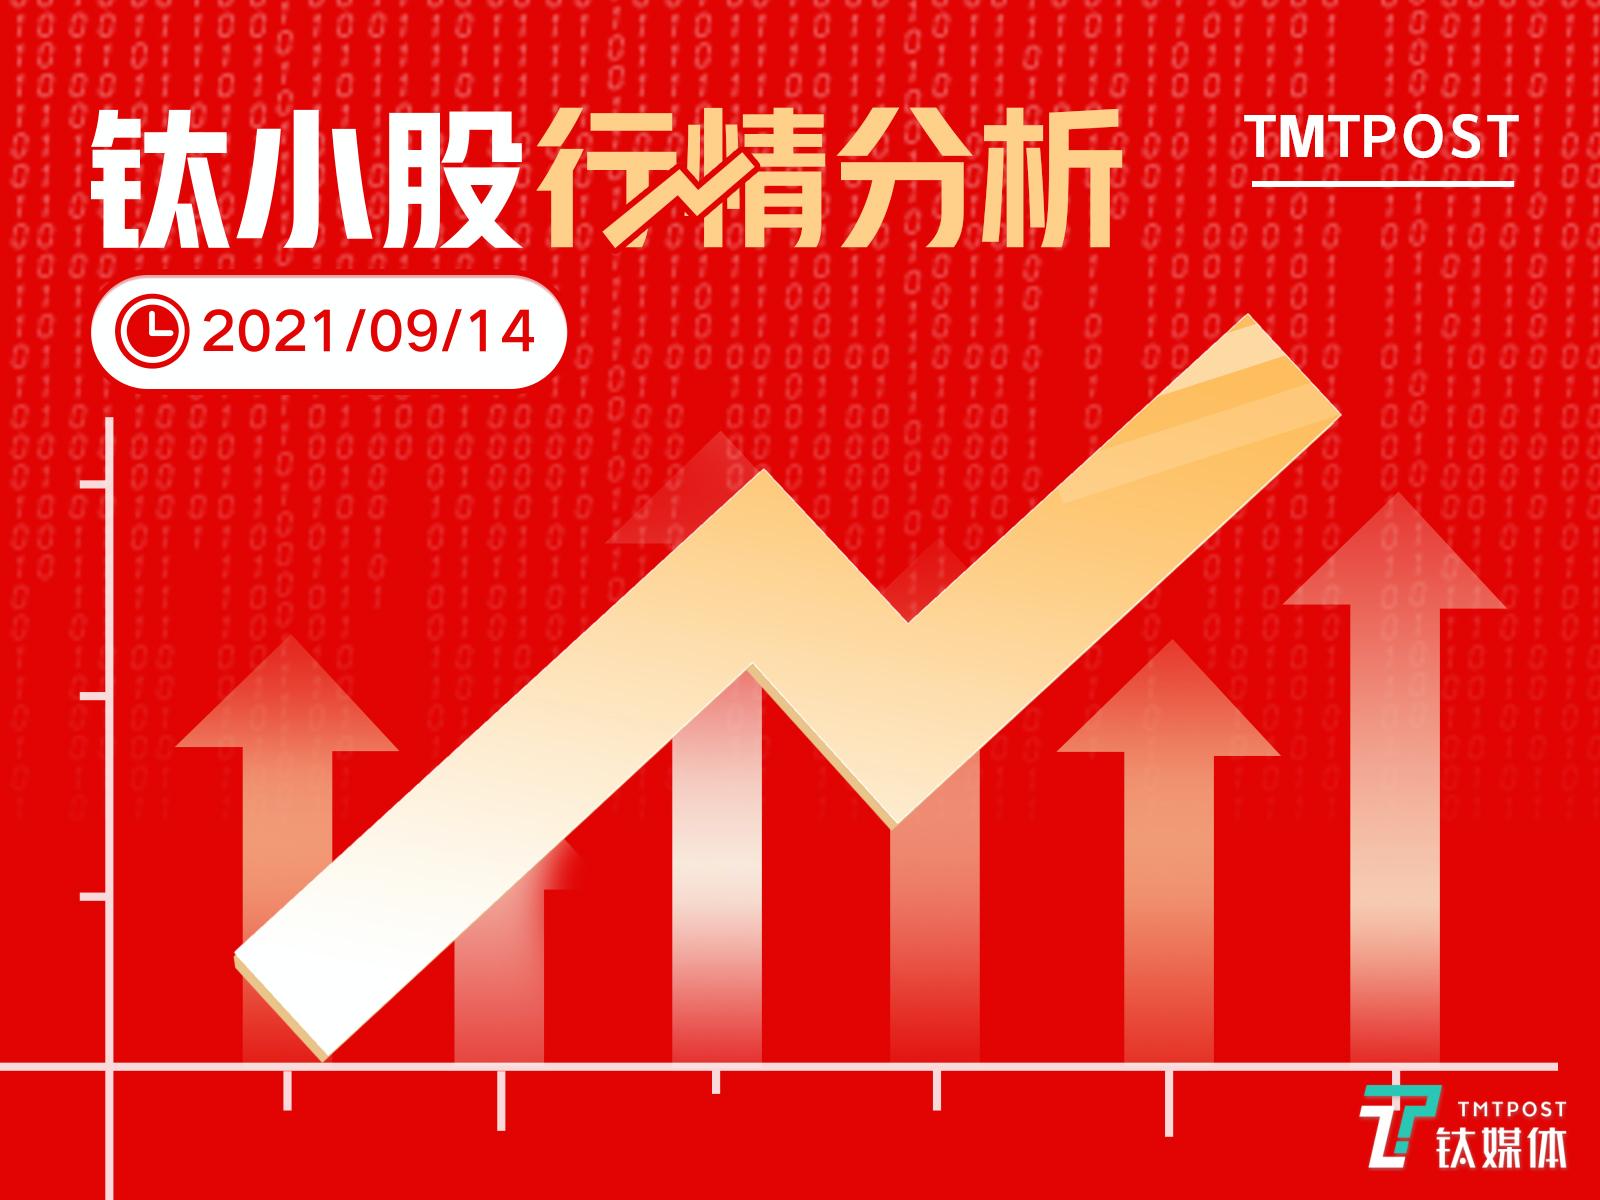 9月14日A股分析:沪指跌逾1%创业板指涨逾1%,周期股与金融股领跌